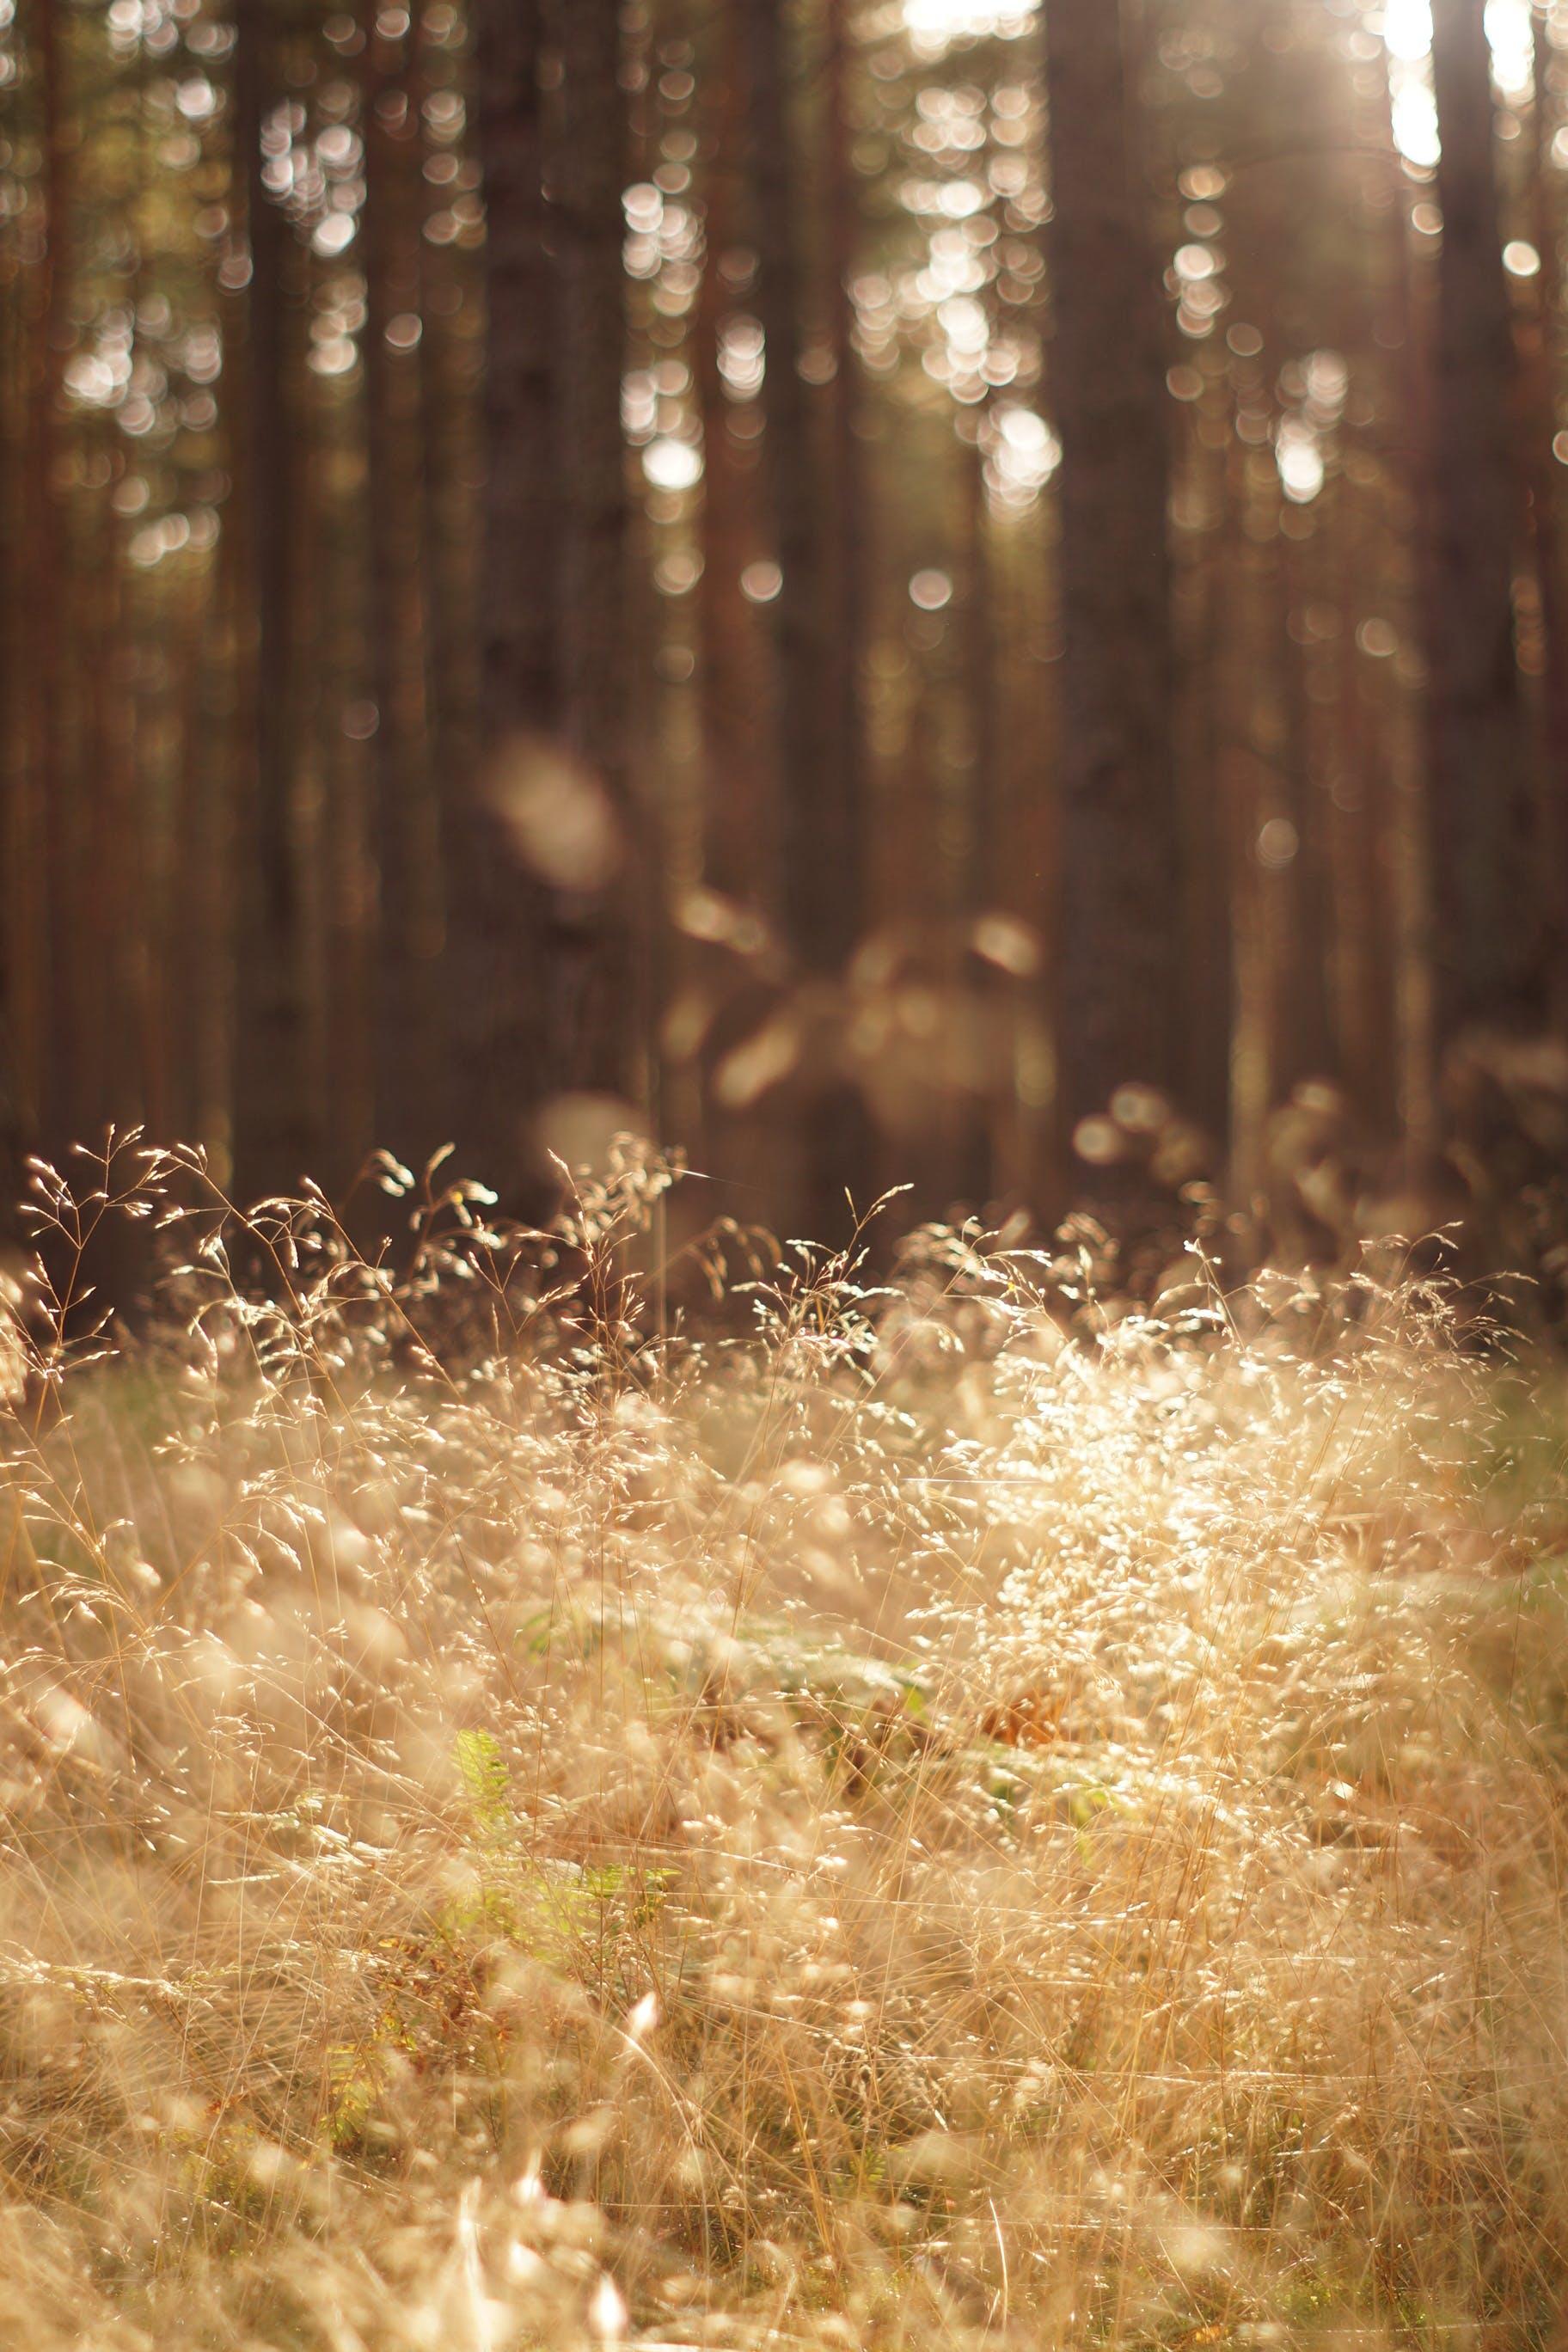 Kostenloses Stock Foto zu goldene sonne, gras, holz, sommer